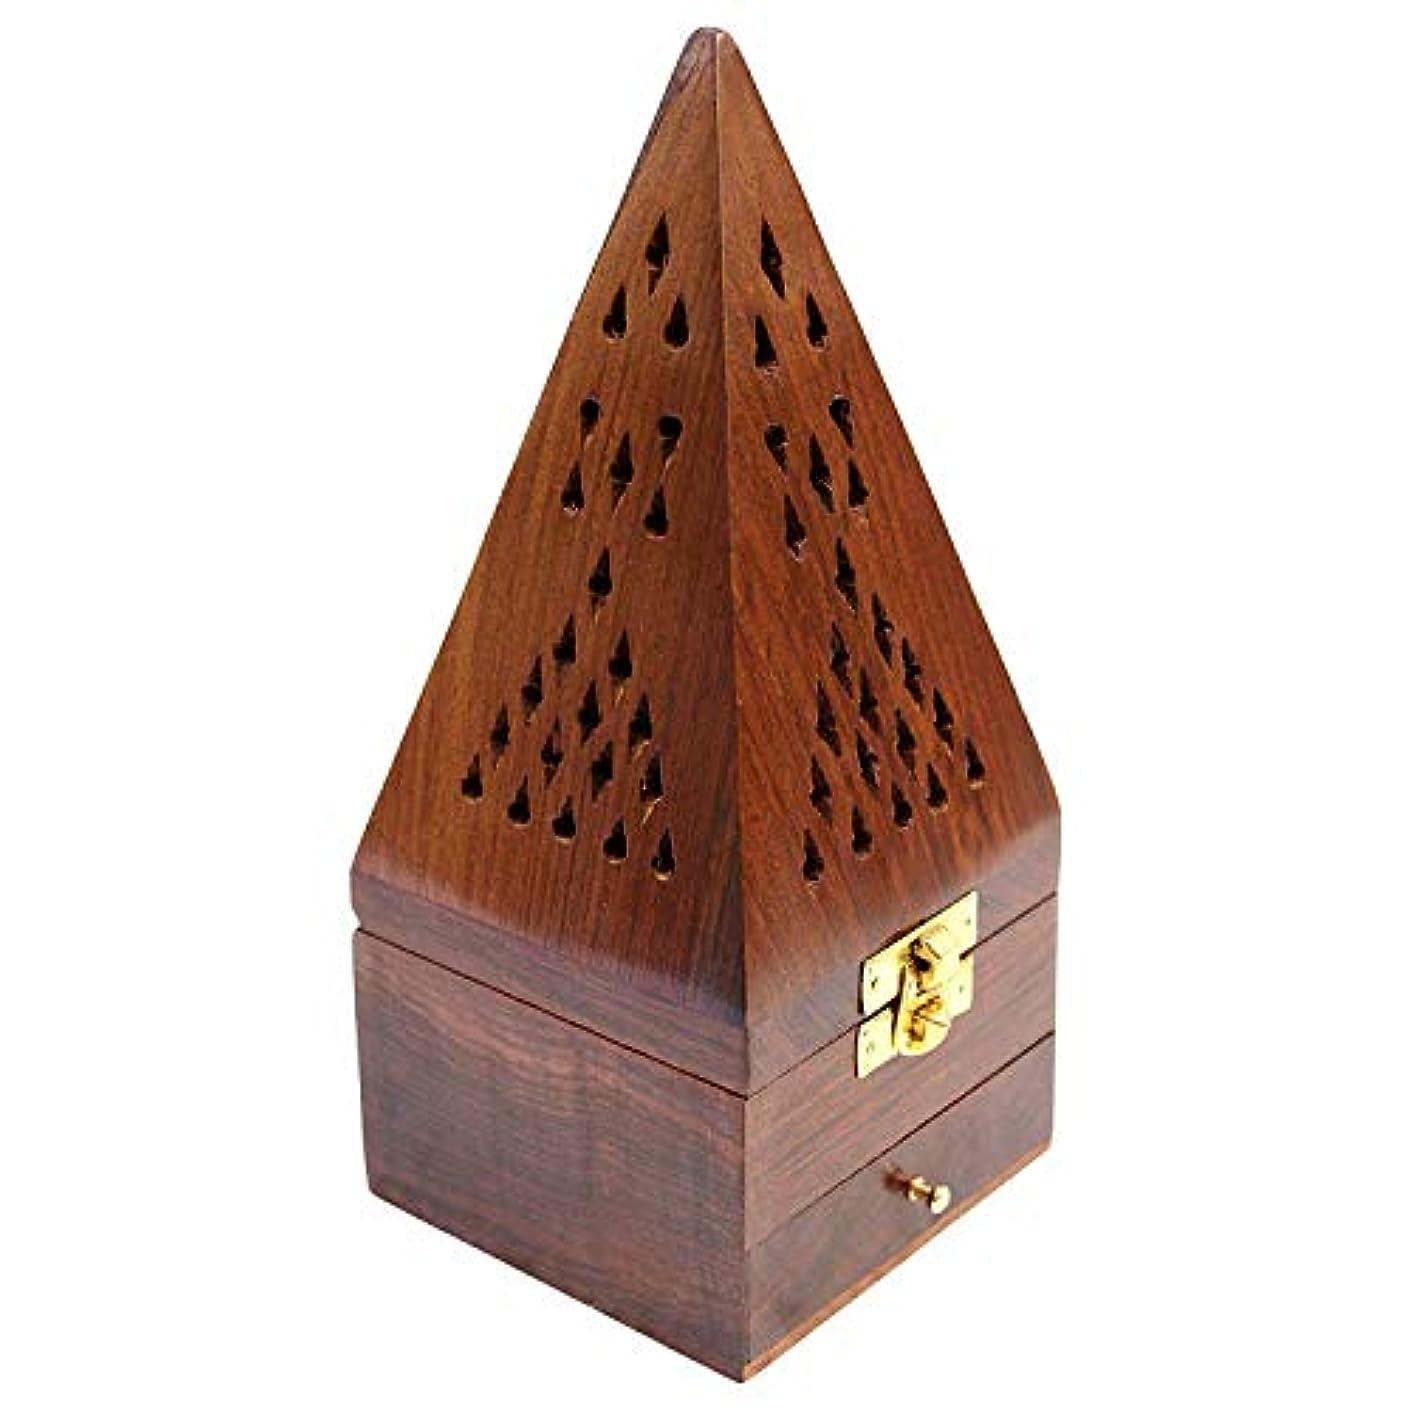 華氏形容詞ポルノCraftatoz Wooden Handicrafts Handmade Wooden Incense Sticks Holder Wooden Pyramid Incense Box Fragrance Stand...